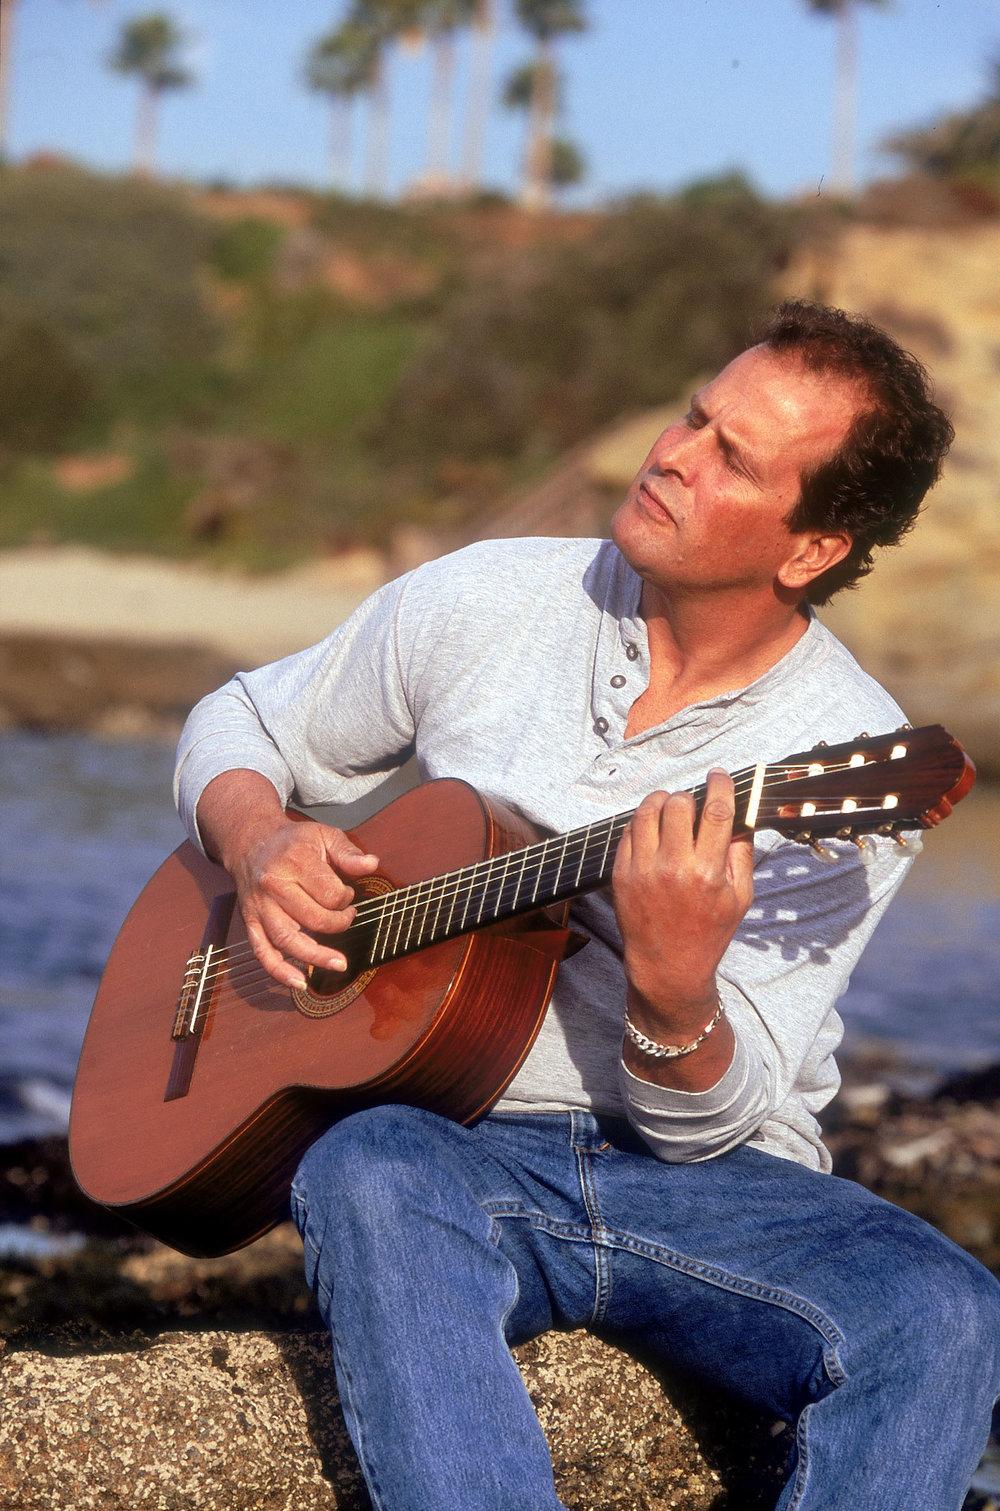 Eric-henderson-classical-guitar-laguna-beach